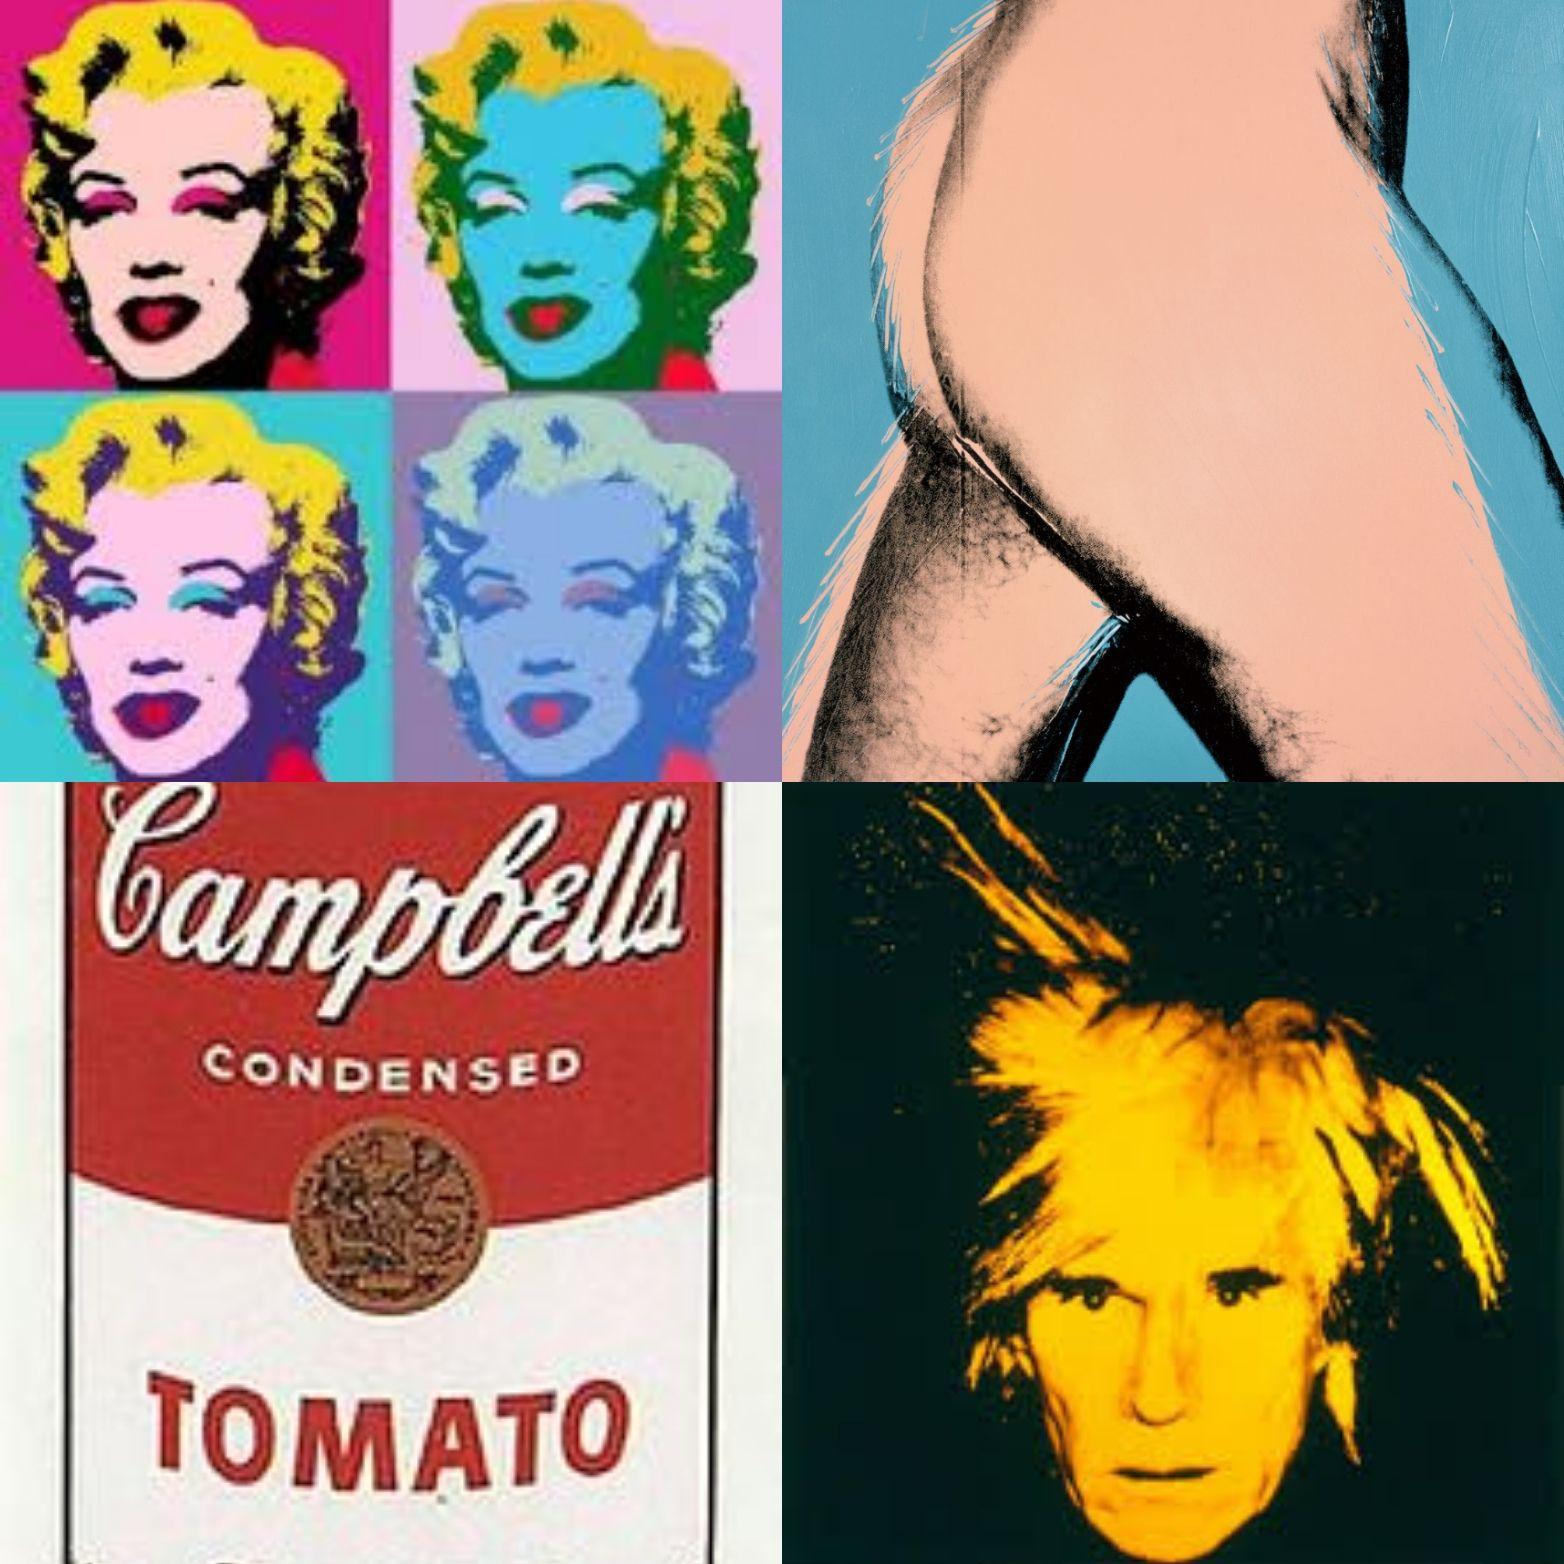 L'edizione definitiva dell'opera di Andy Warhol